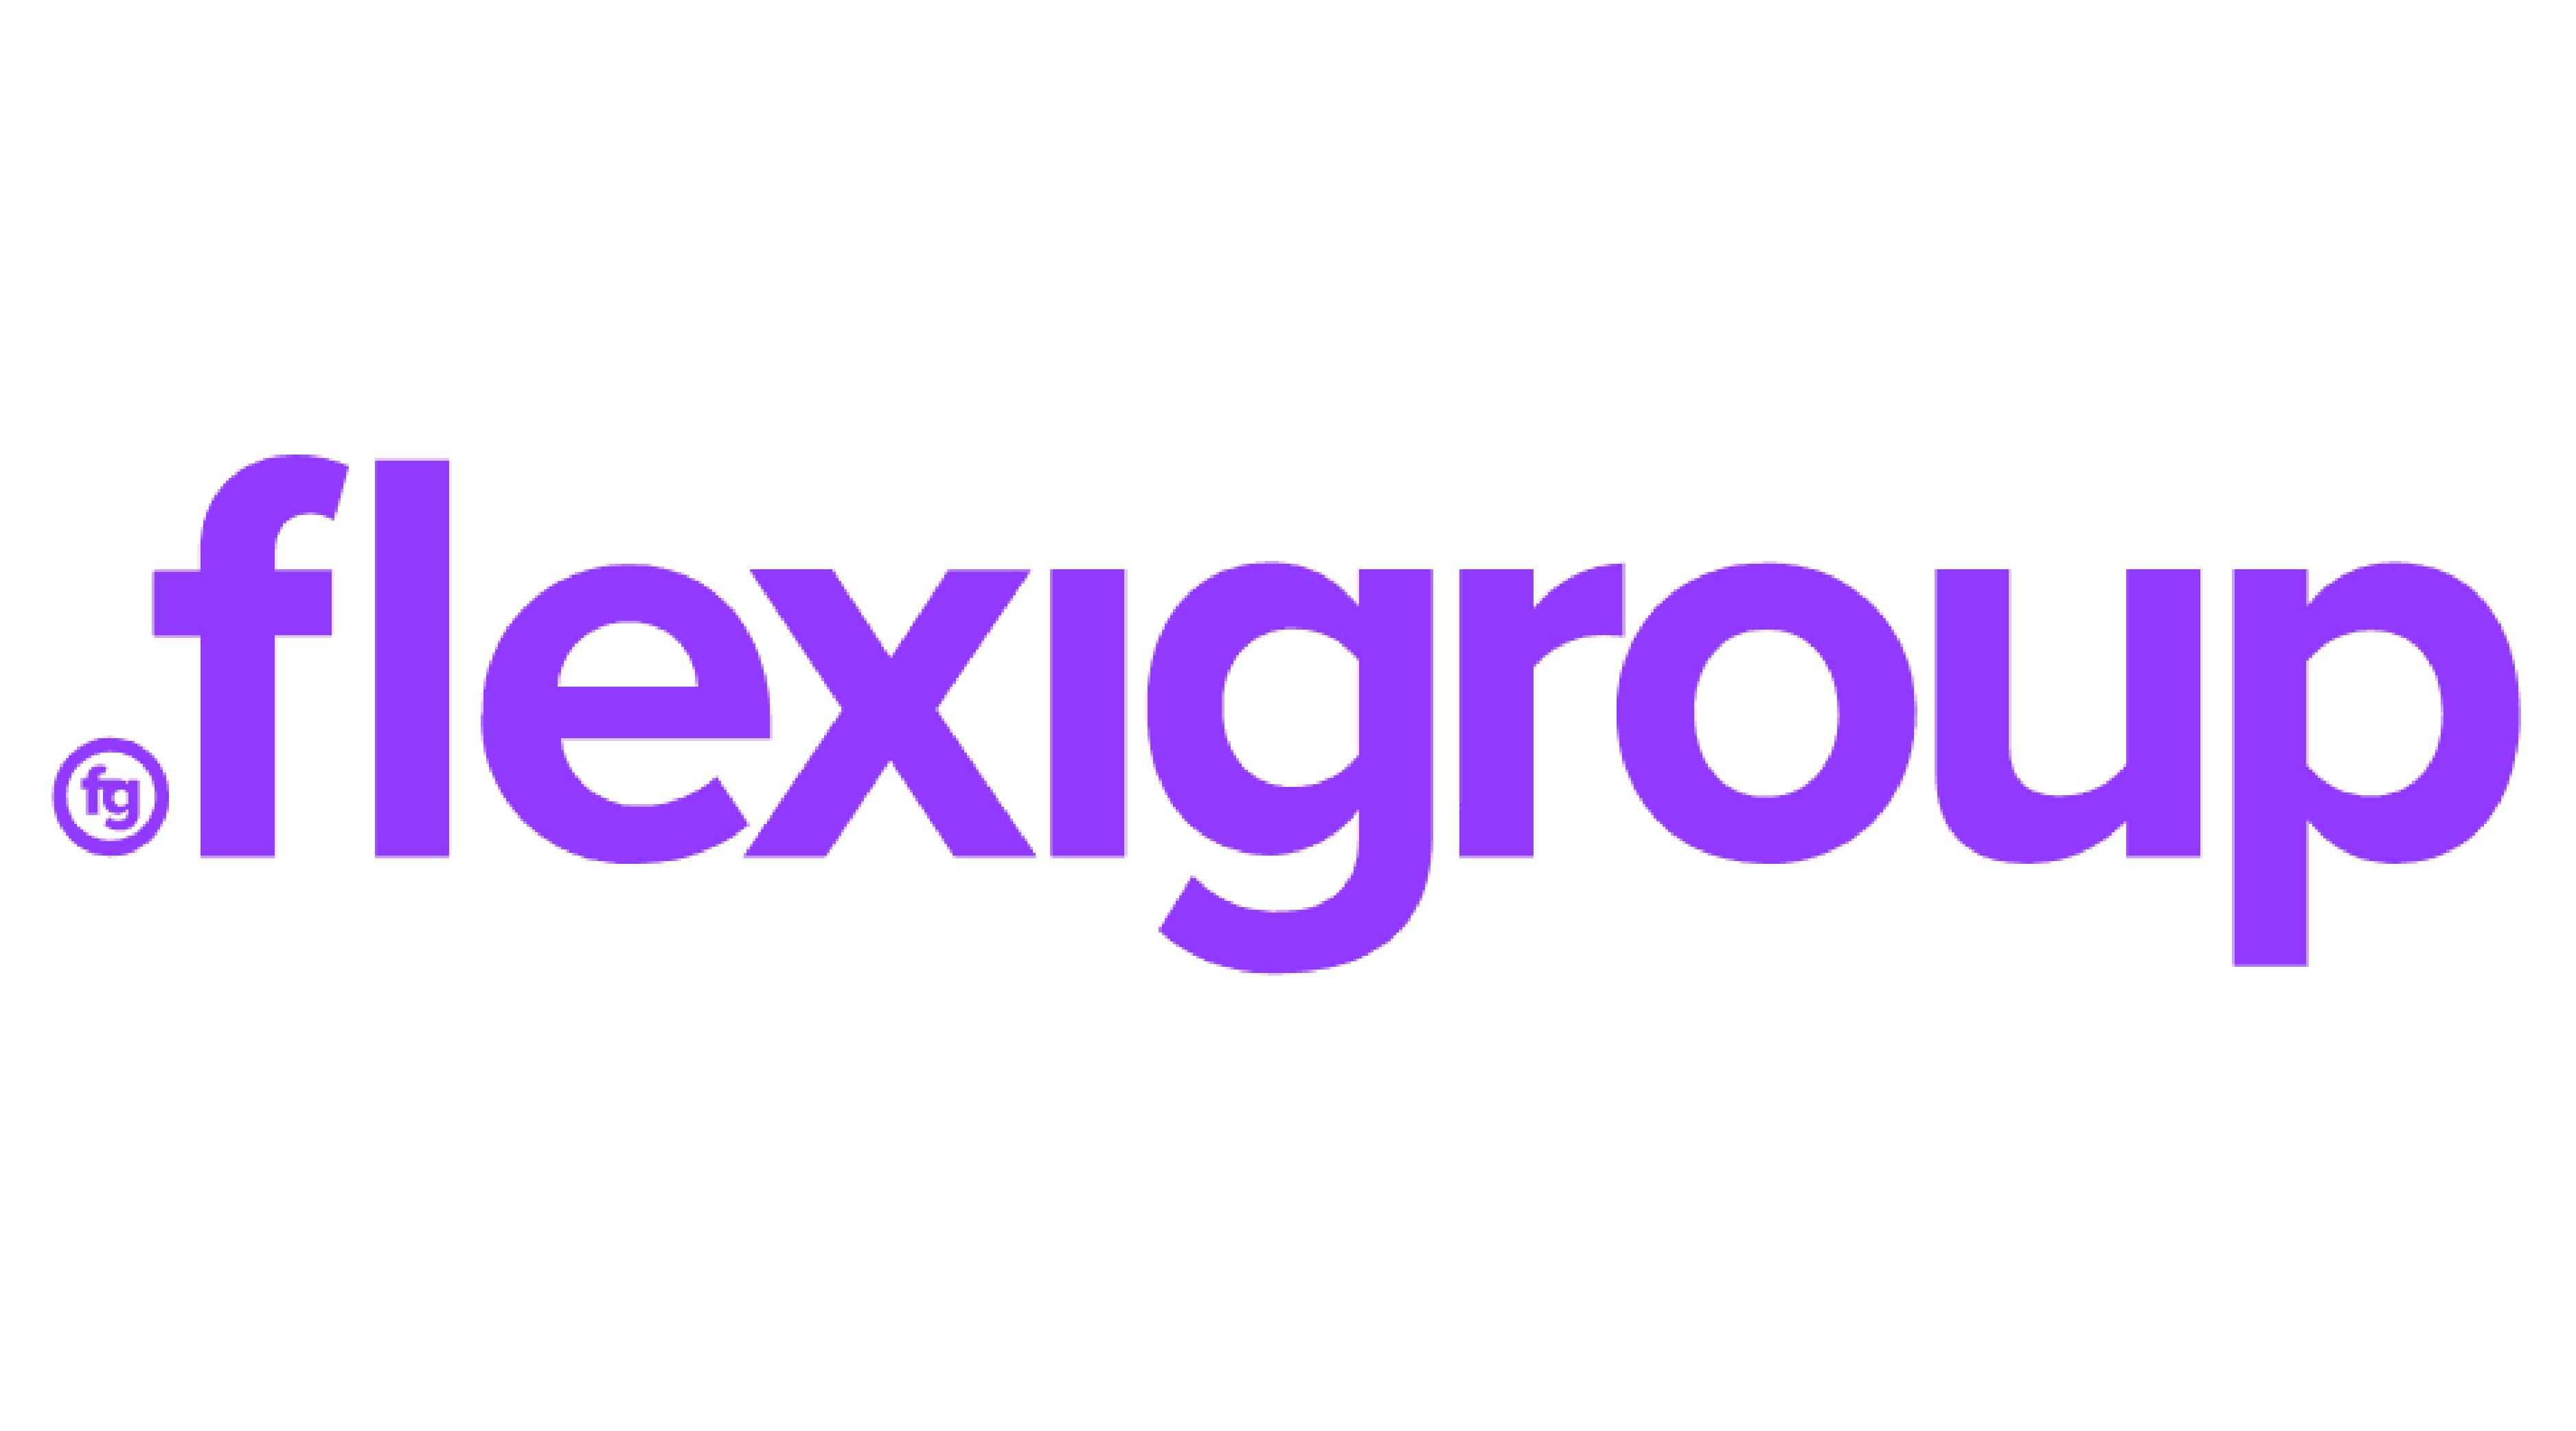 flexigroup-logo-vector